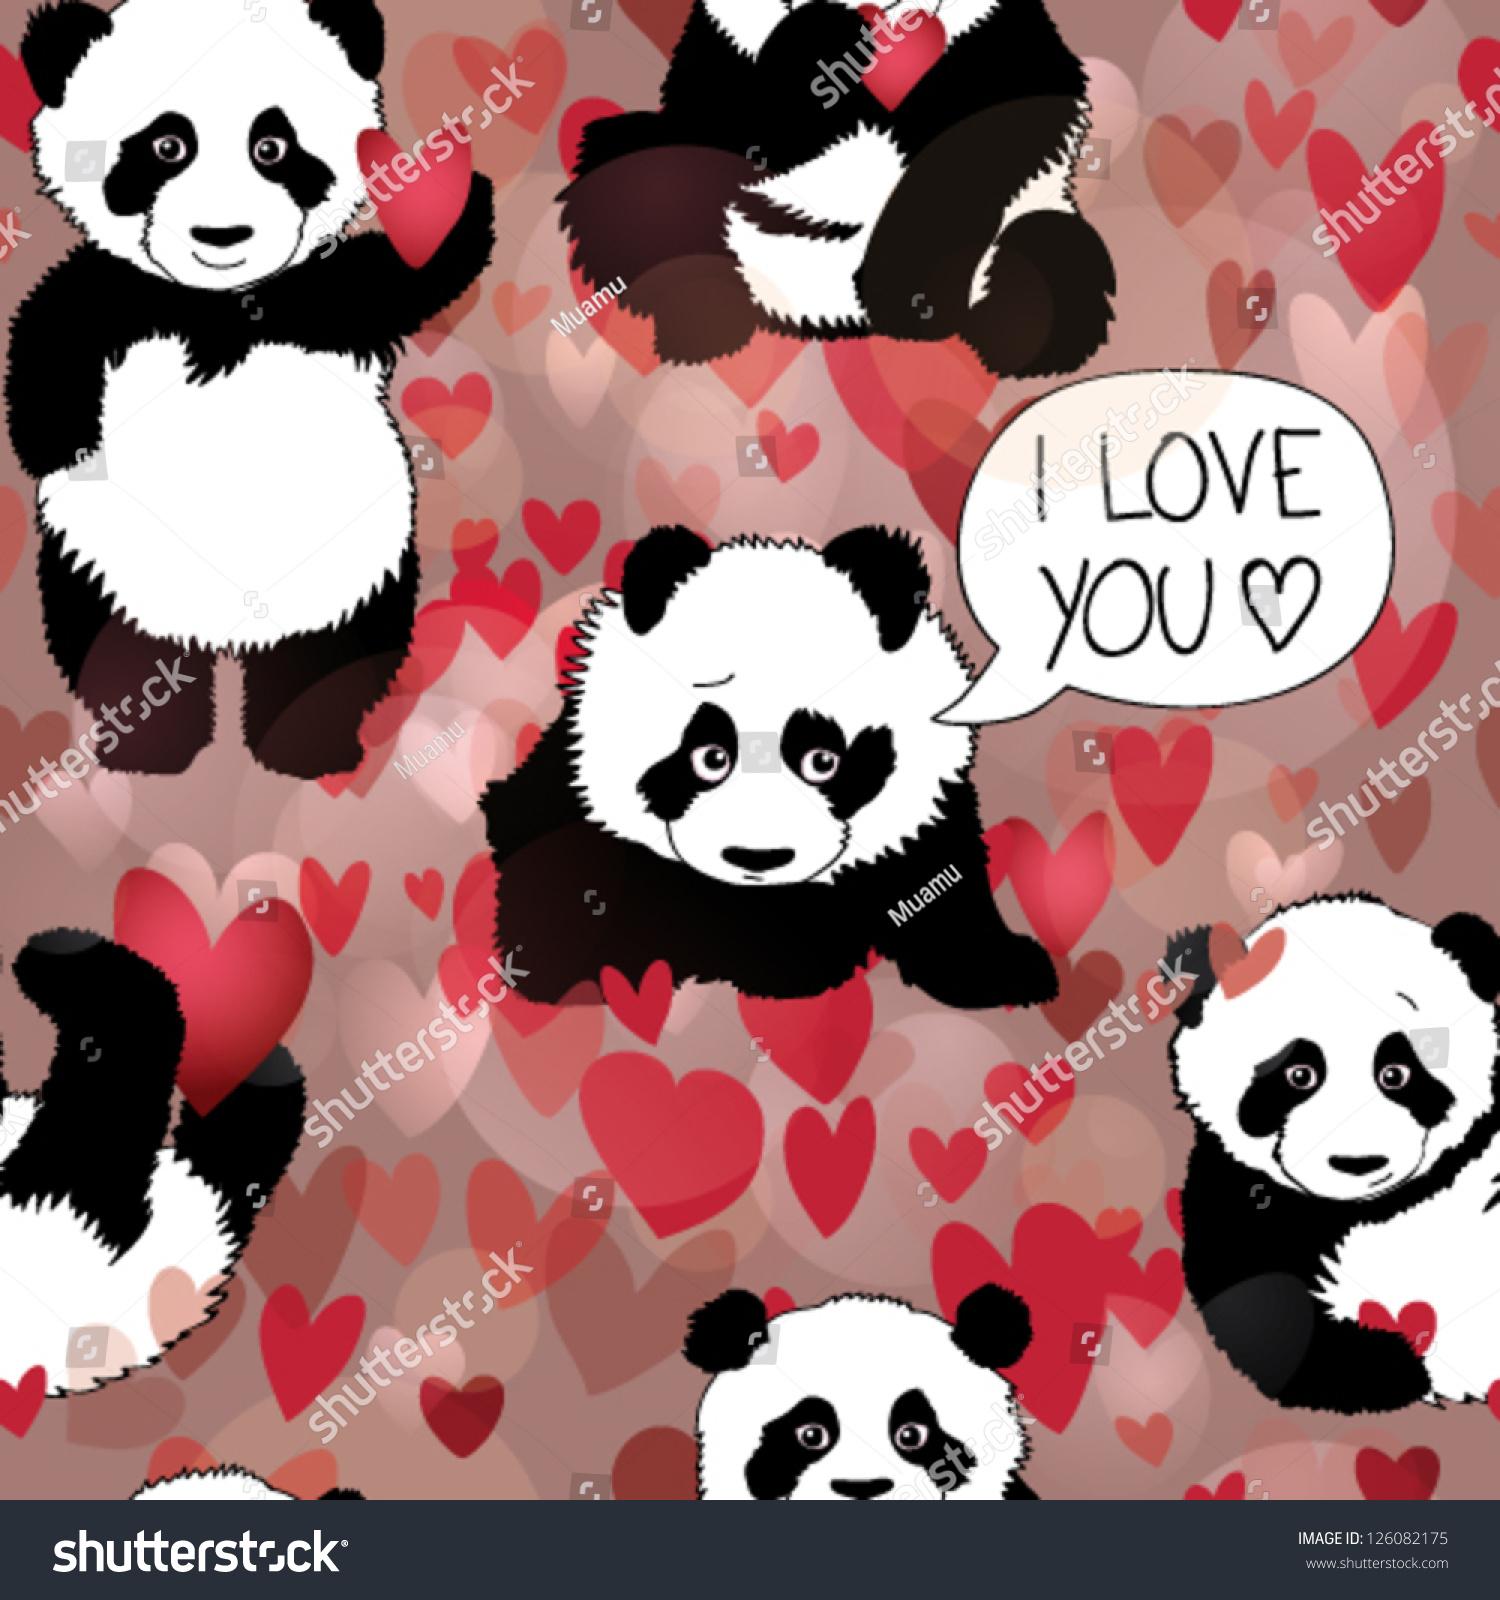 Cute Panda Falls Love Romantic Seamless Stock Vector Royalty Free